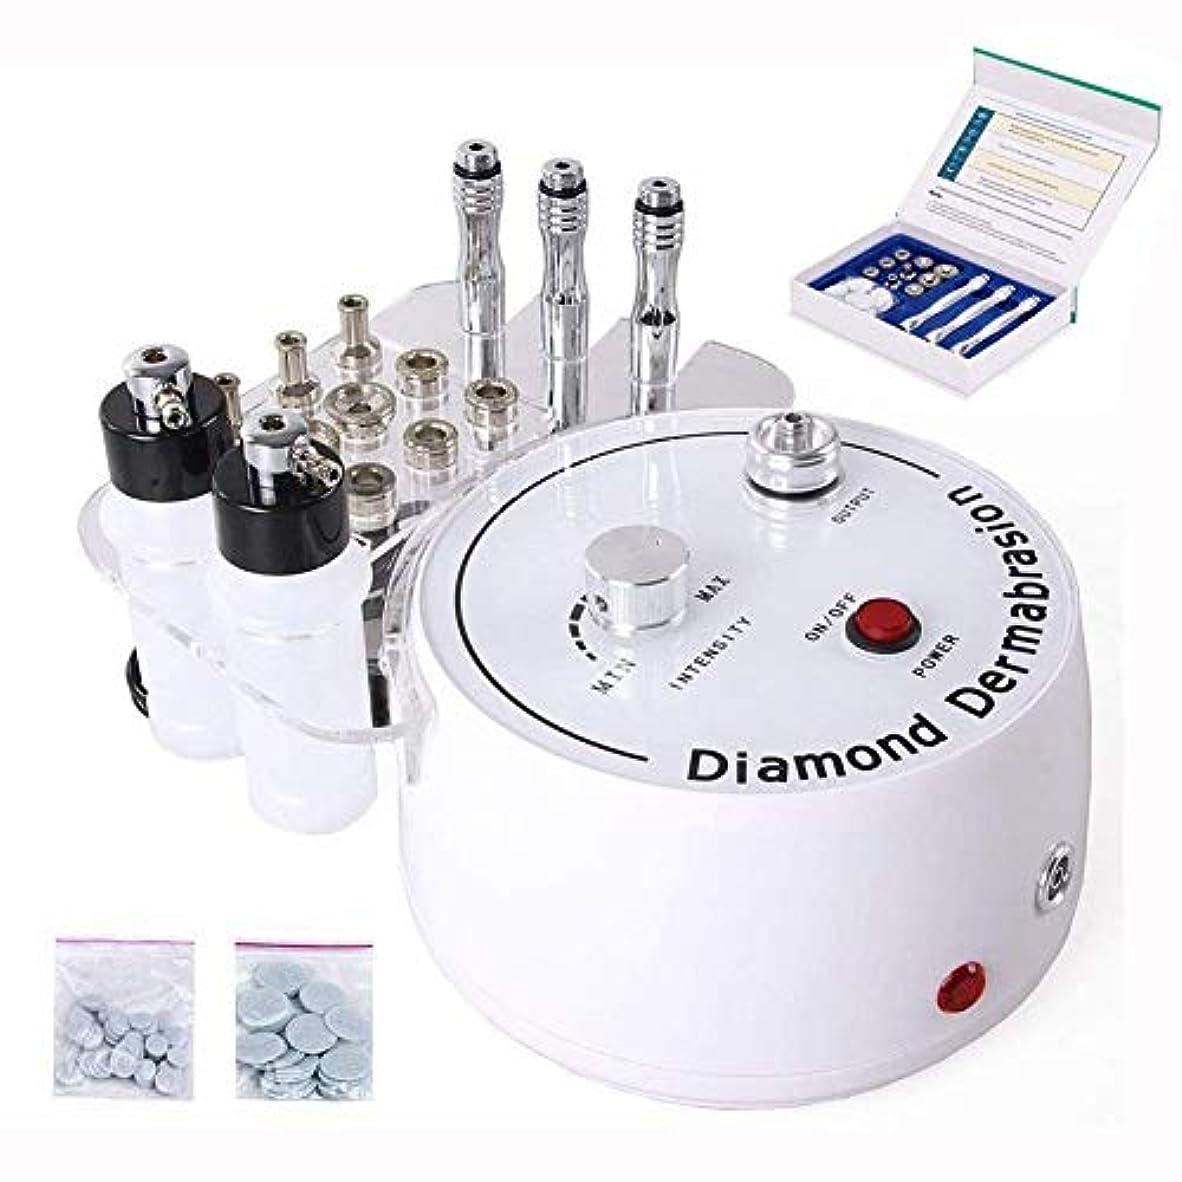 ために拍手誘導ダイヤモンドマイクロダーマブレーション皮膚剥離機、ピーリング美容機しわフェイスピーリングマシン、専門の皮膚剥離装置肌用美容機器を引き締め若返りリフティングピーリング